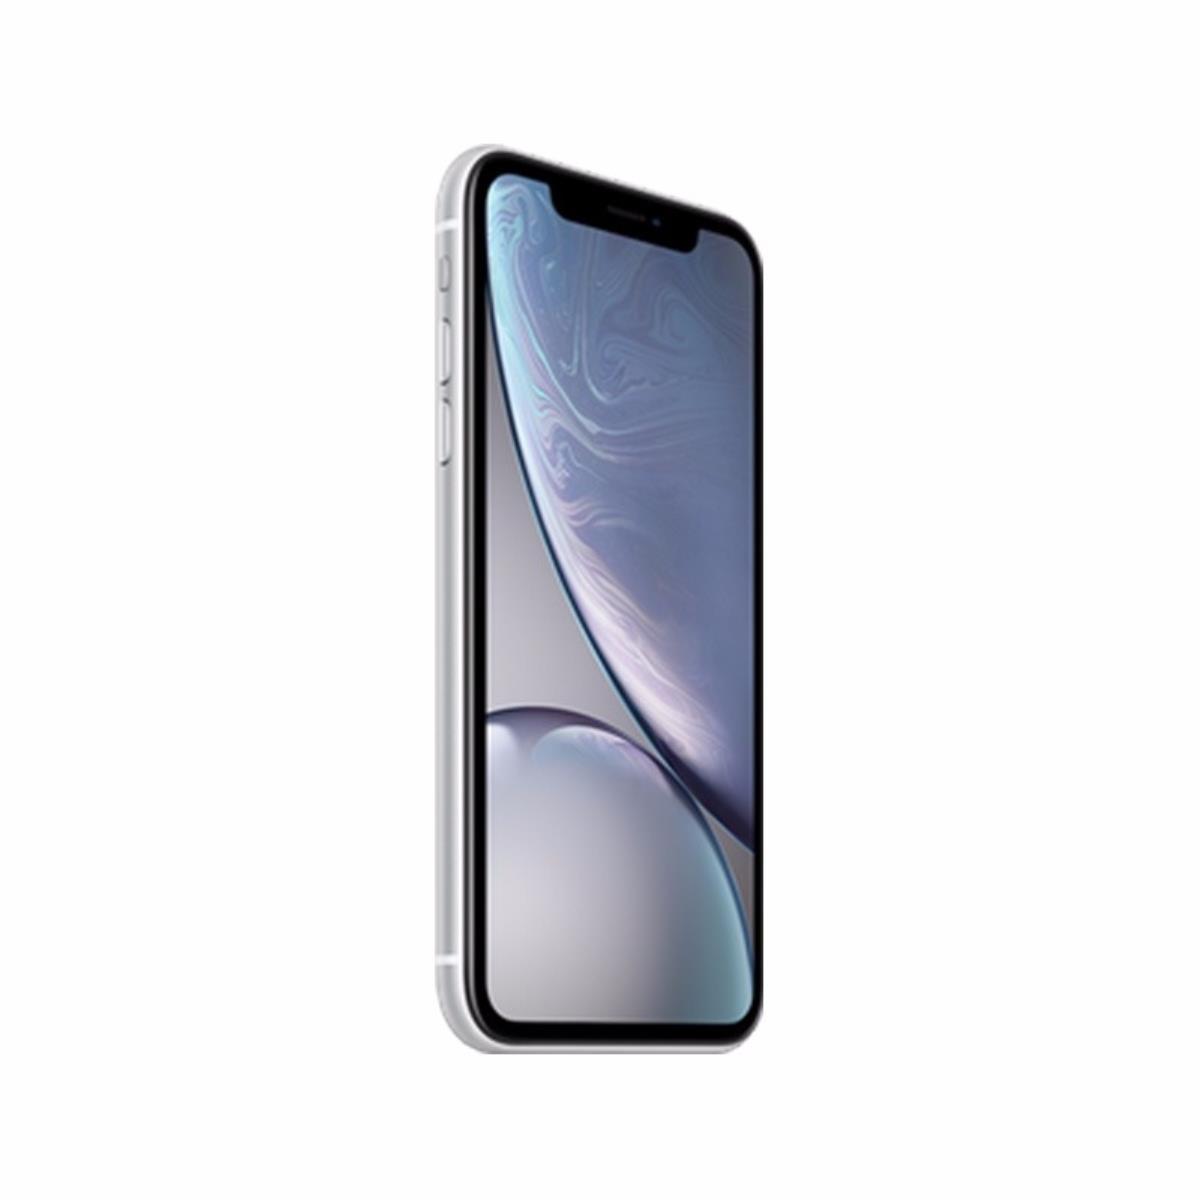 SAMSUNG GALAXY A605 A6 PLUS 2018 32GB/3GB DUAL SIM LAVENDER